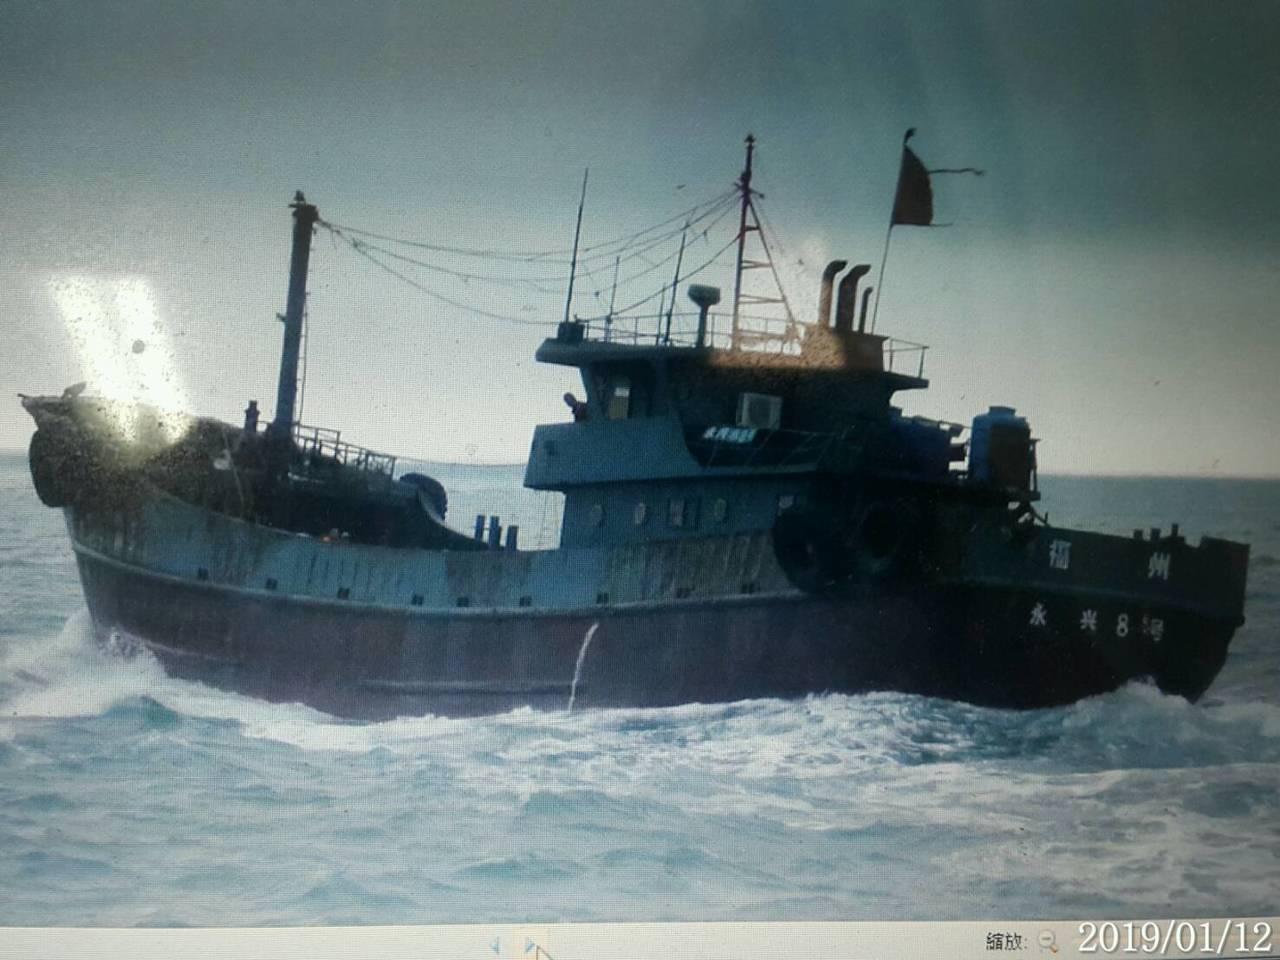 澎湖海巡隊查扣越界陸船「永興8號」。圖/澎湖海巡隊提供